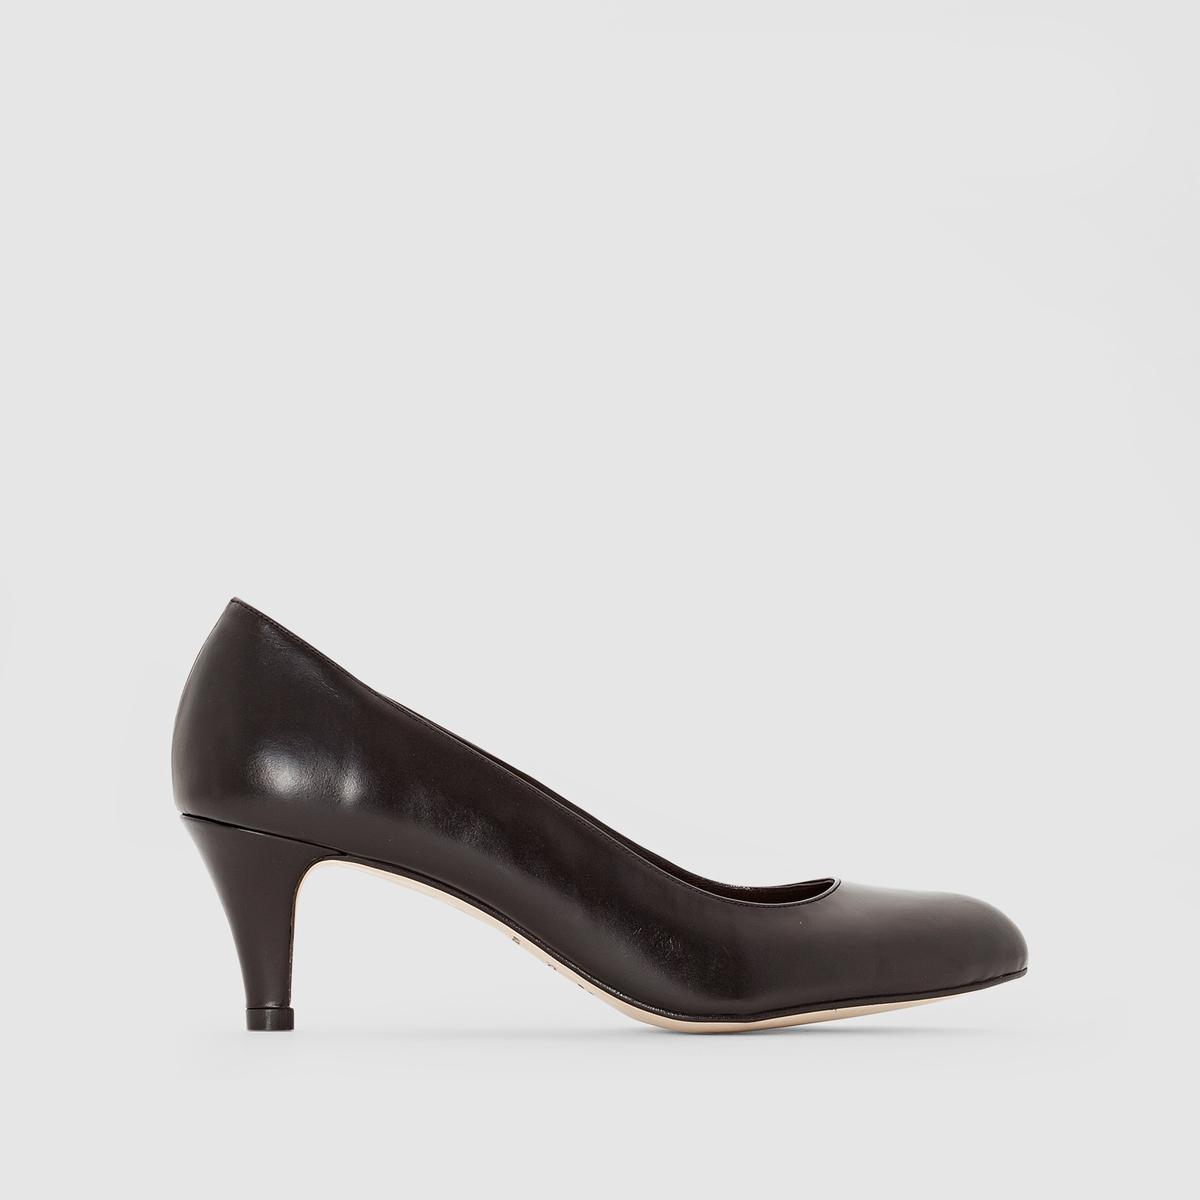 Туфли на каблуке 11211Материал внешний/внутрений : Кожа         Подкладка : Кожа   Подошва: эластомер   Высота каблука: 5 смФорма каблука : Тонкий каблук   Носок : ЗакругленныйЗастежка: без застежки<br><br>Цвет: черный<br>Размер: 37.39.40